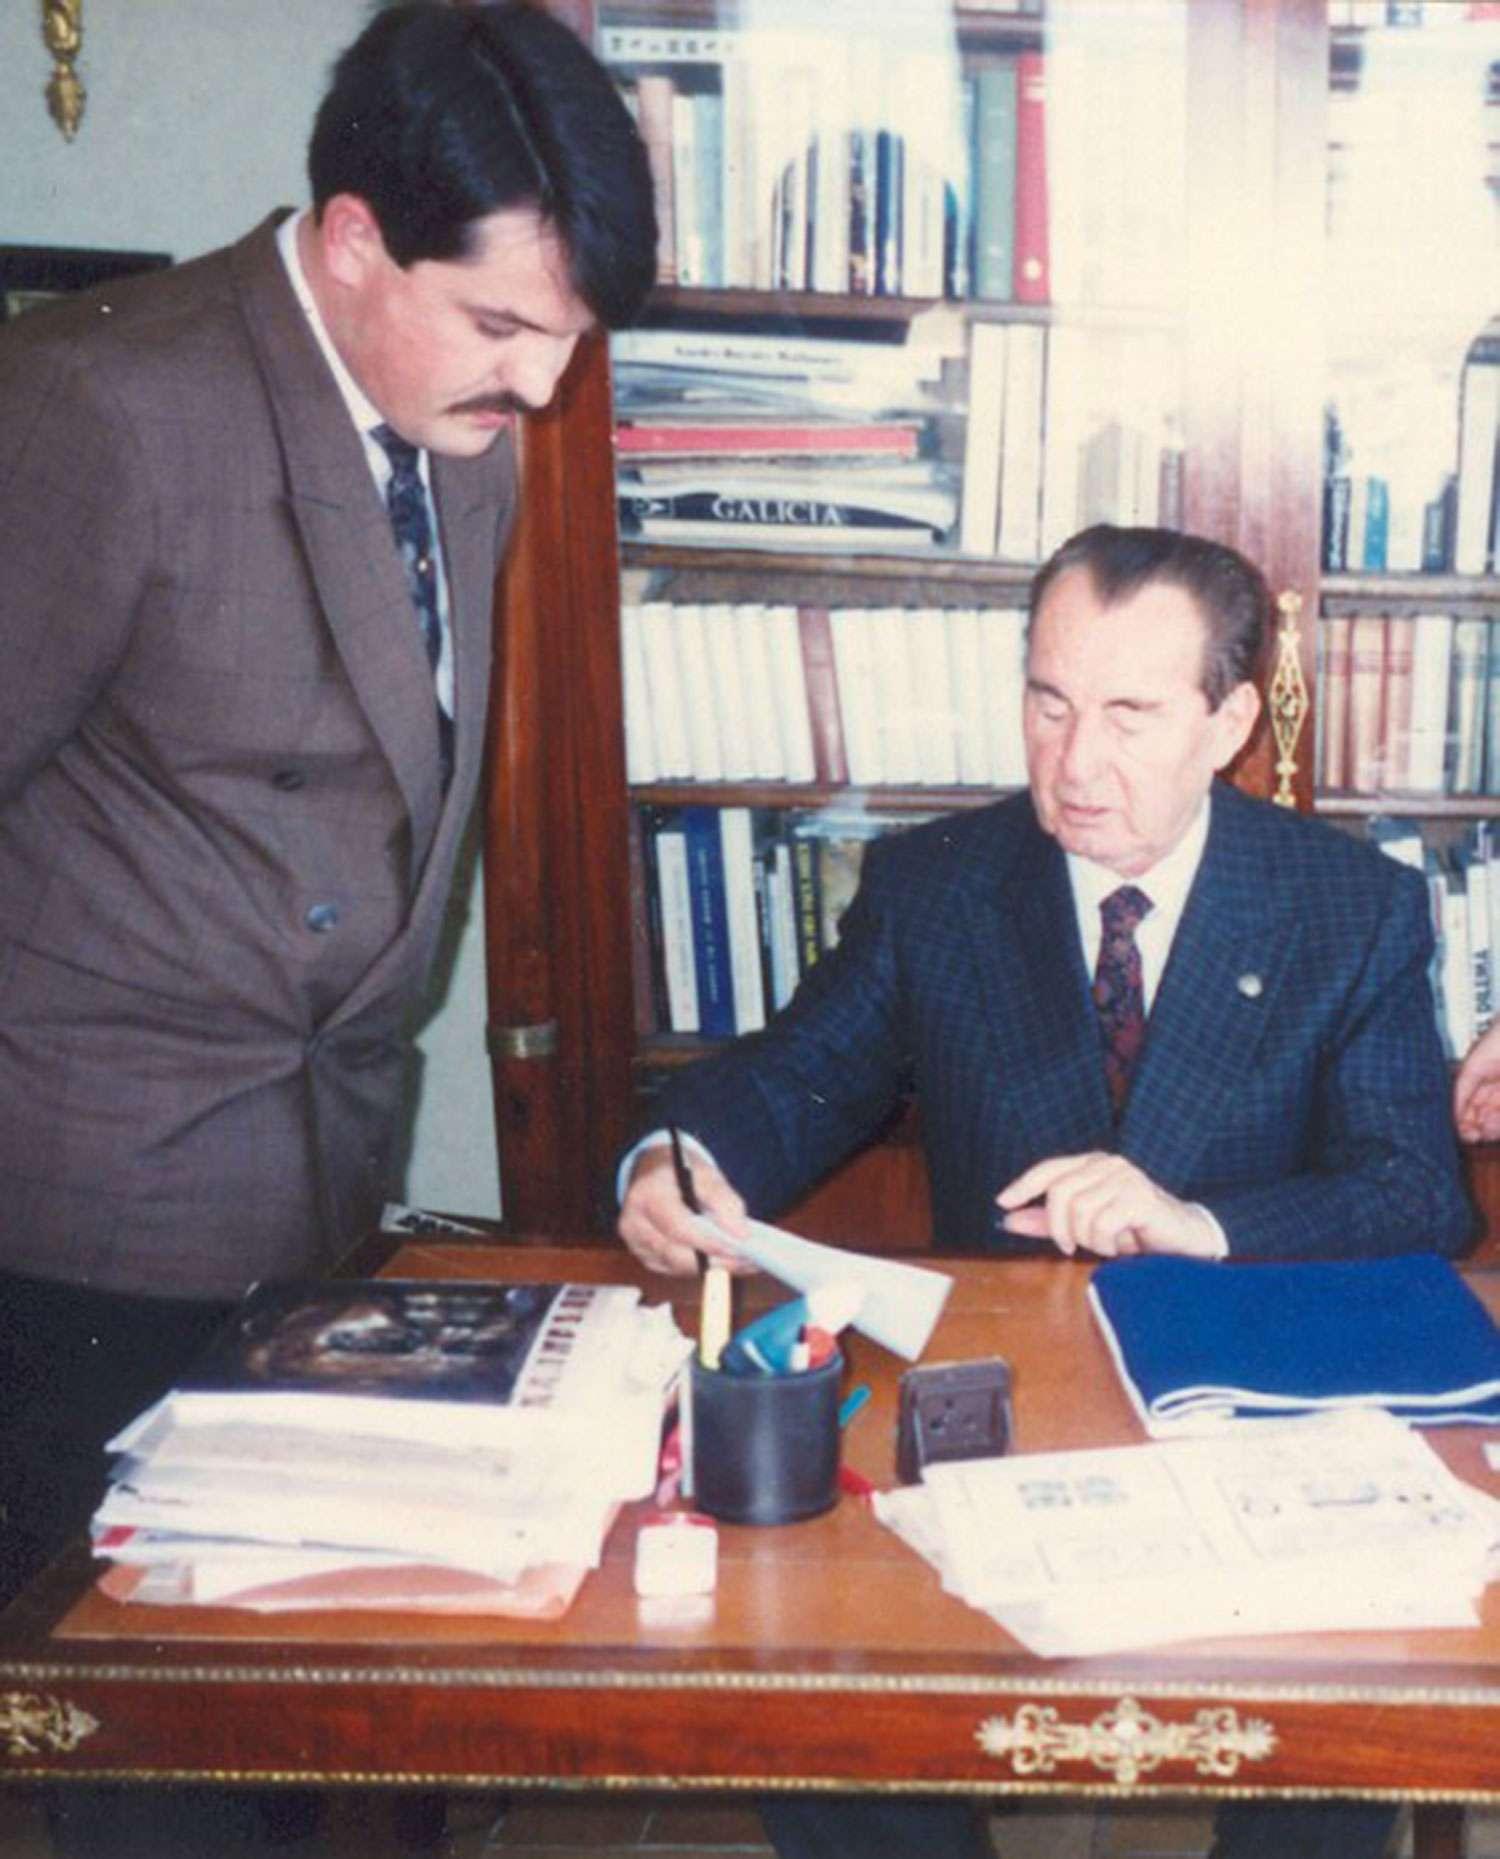 Από τη συνάντηση του Χρ. Παππά με τον Λ. Ντεγκρέλ